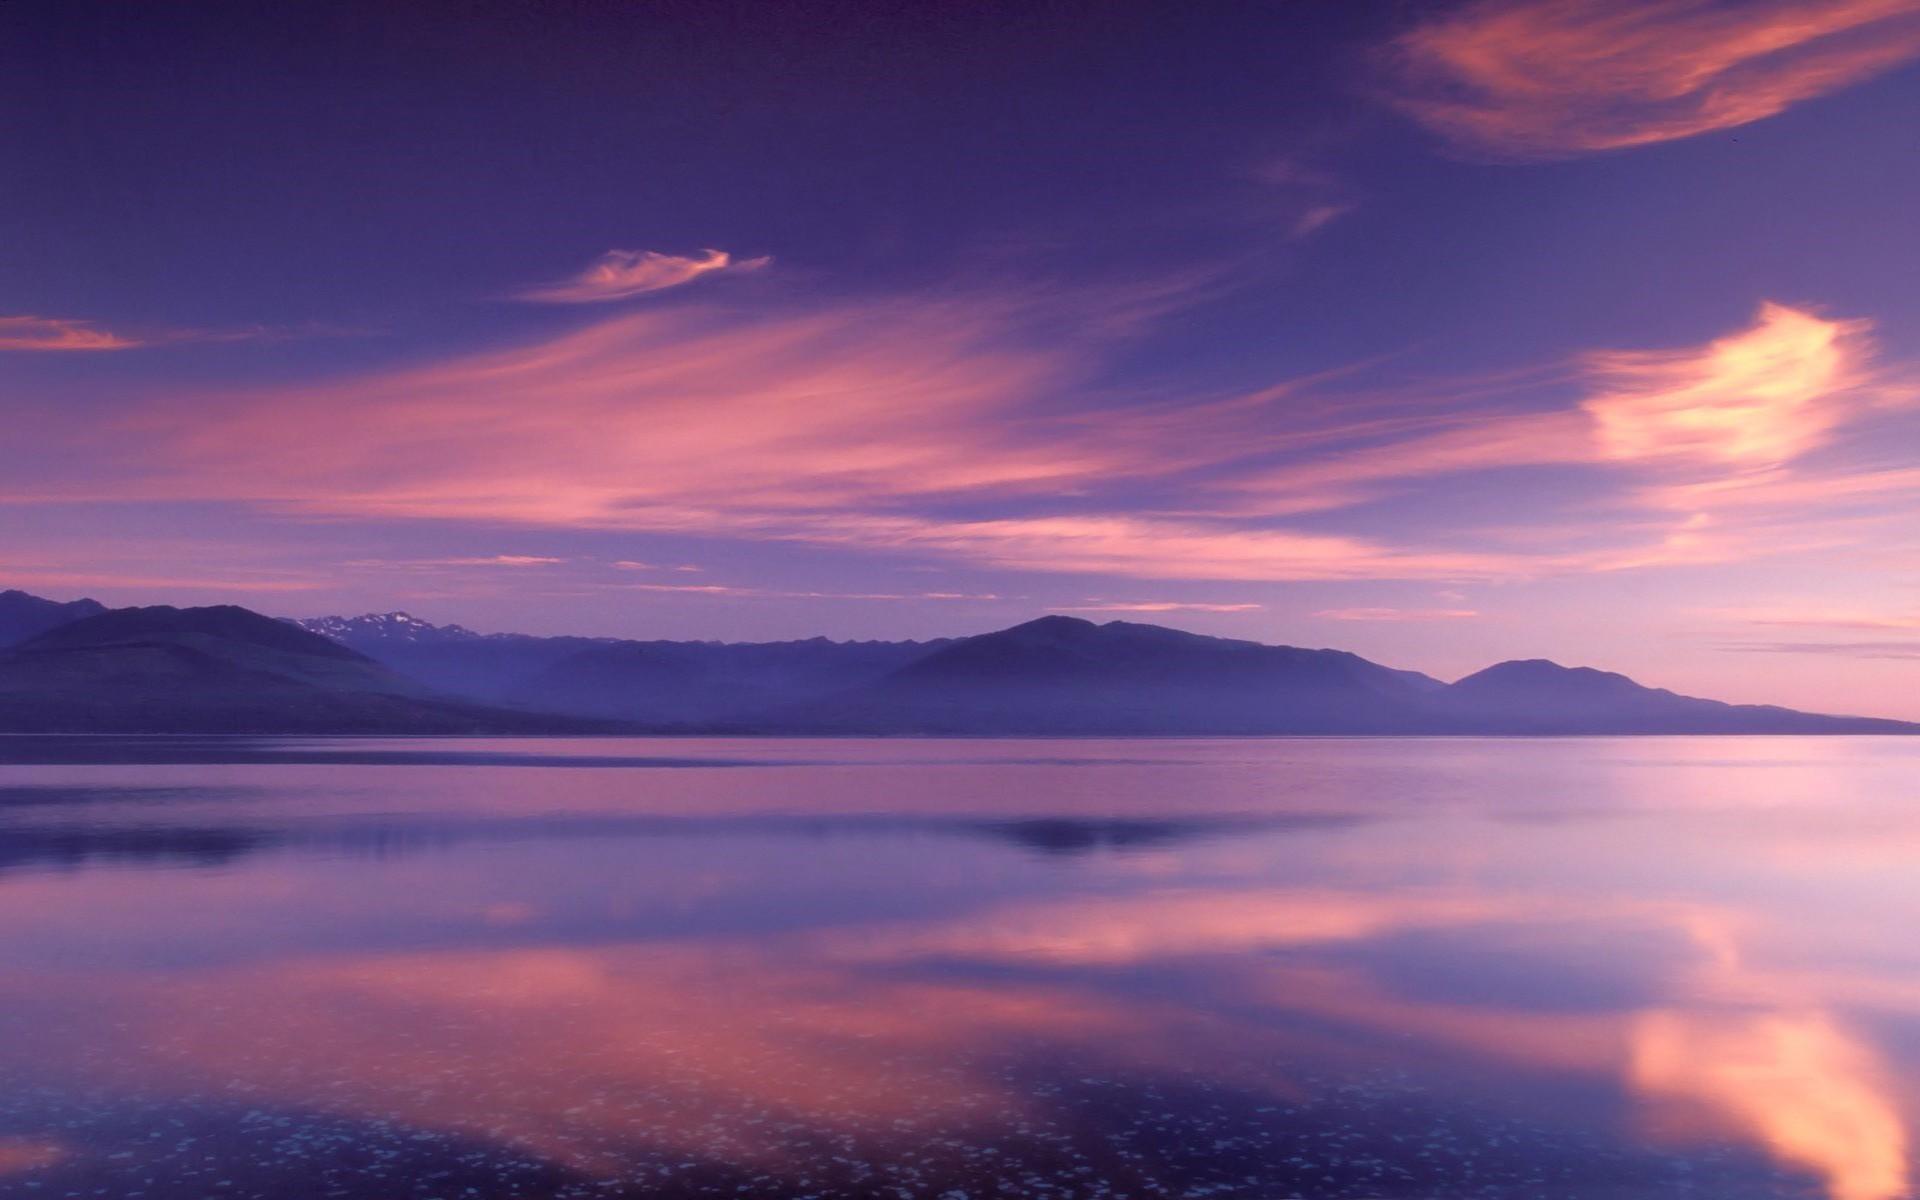 розовый закат, море, горы  № 3110129 бесплатно